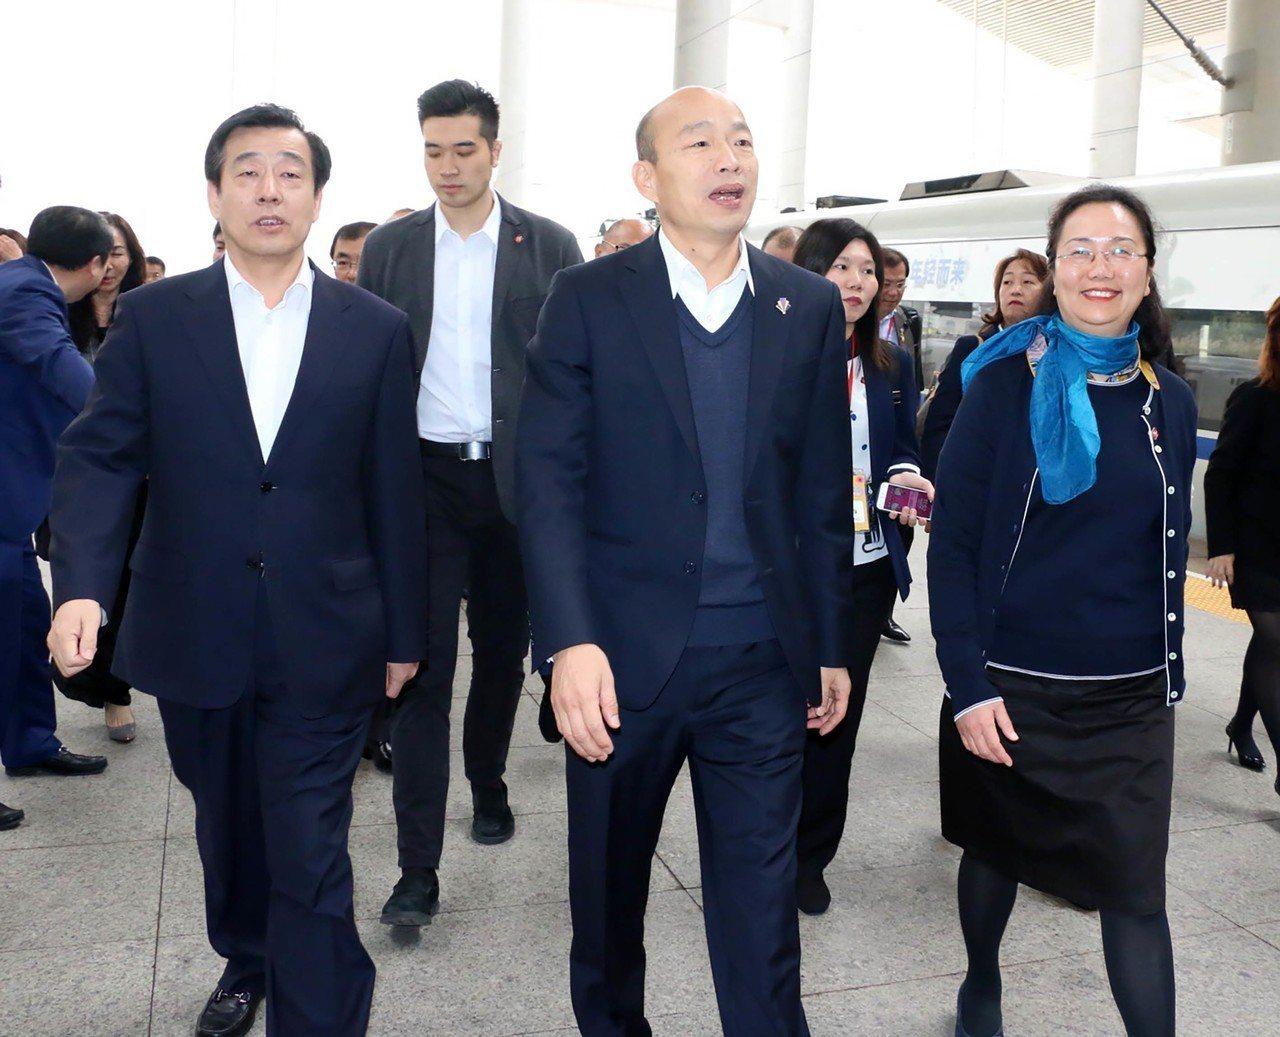 韓國瑜參訪團一行人抵達廈門。圖/高雄市政府提供